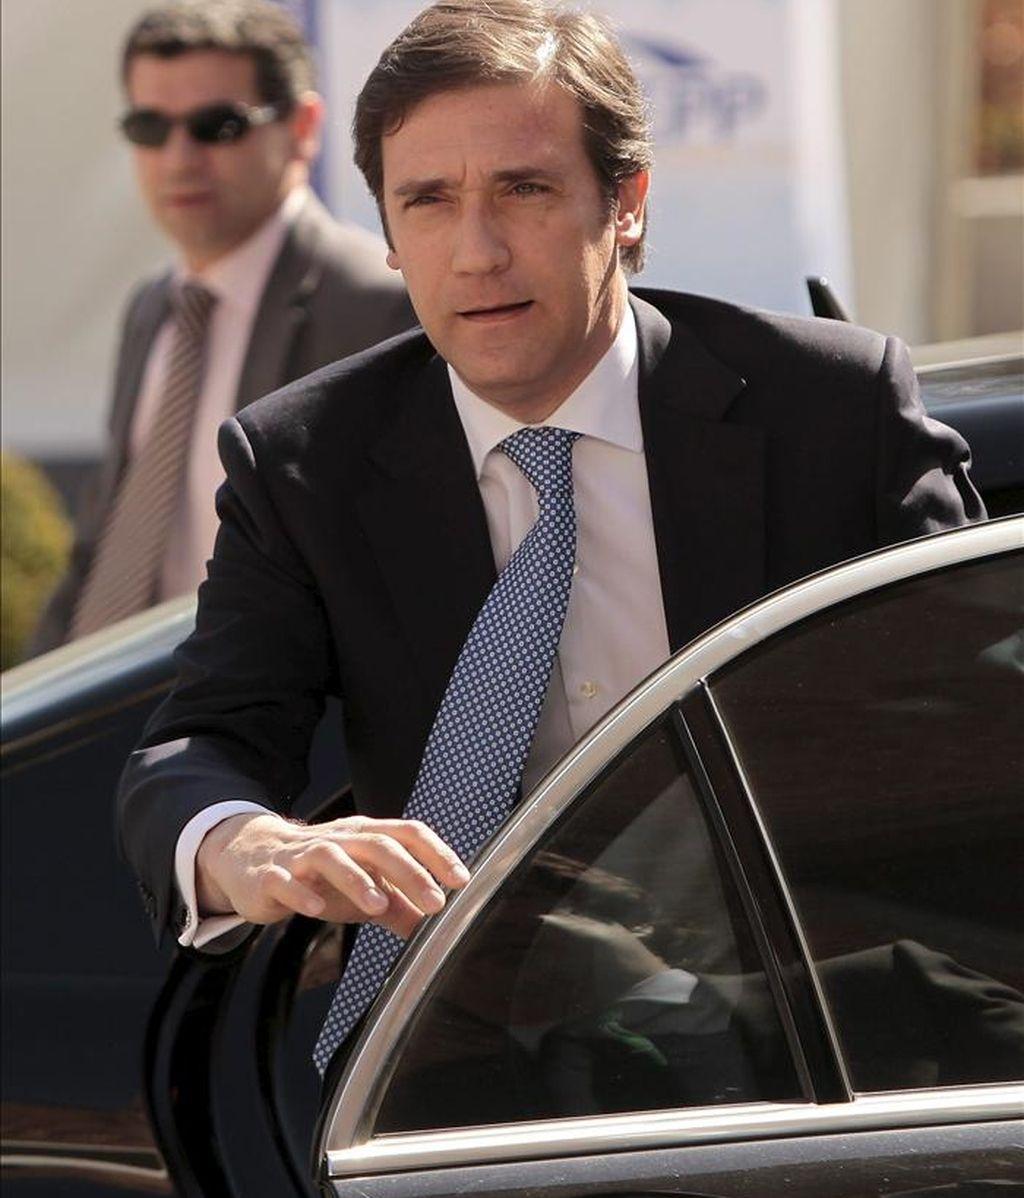 La principal formación política de la oposición en Portugal, el centro-derechista Partido Social Demócrata (PSD), expresó hoy su deseo de que no sea necesario solicitar ayuda financiera, aunque ofreció su respaldo en caso de que haya que hacerlo. EFE/Archivo